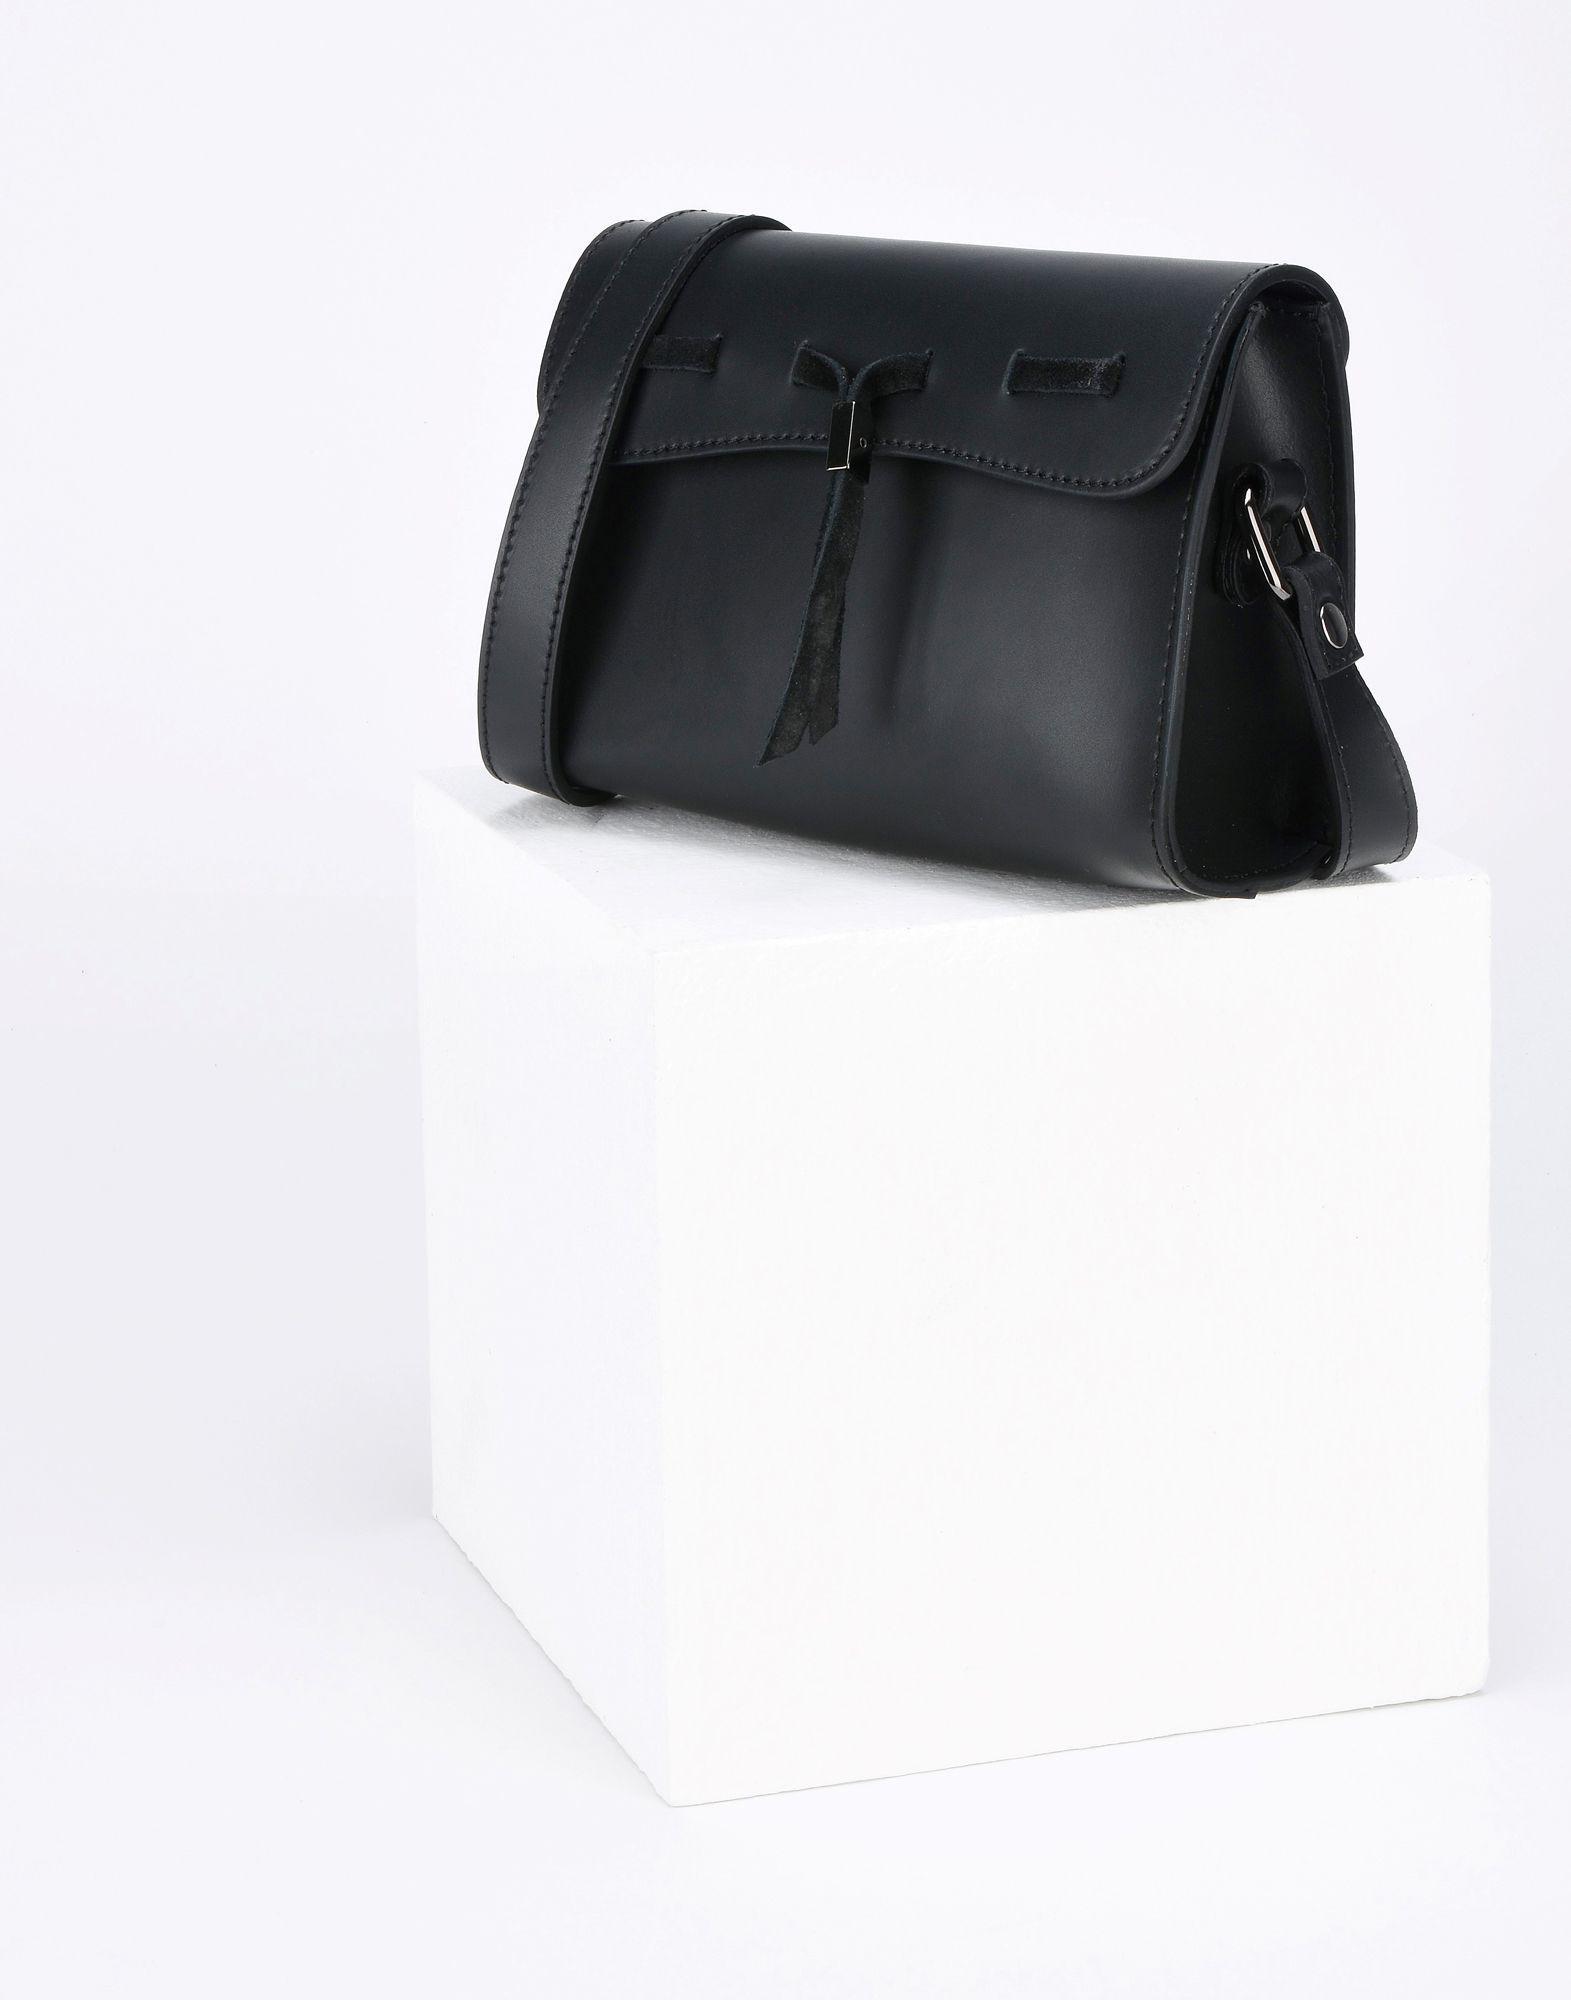 8 Cross-body Bag in Black